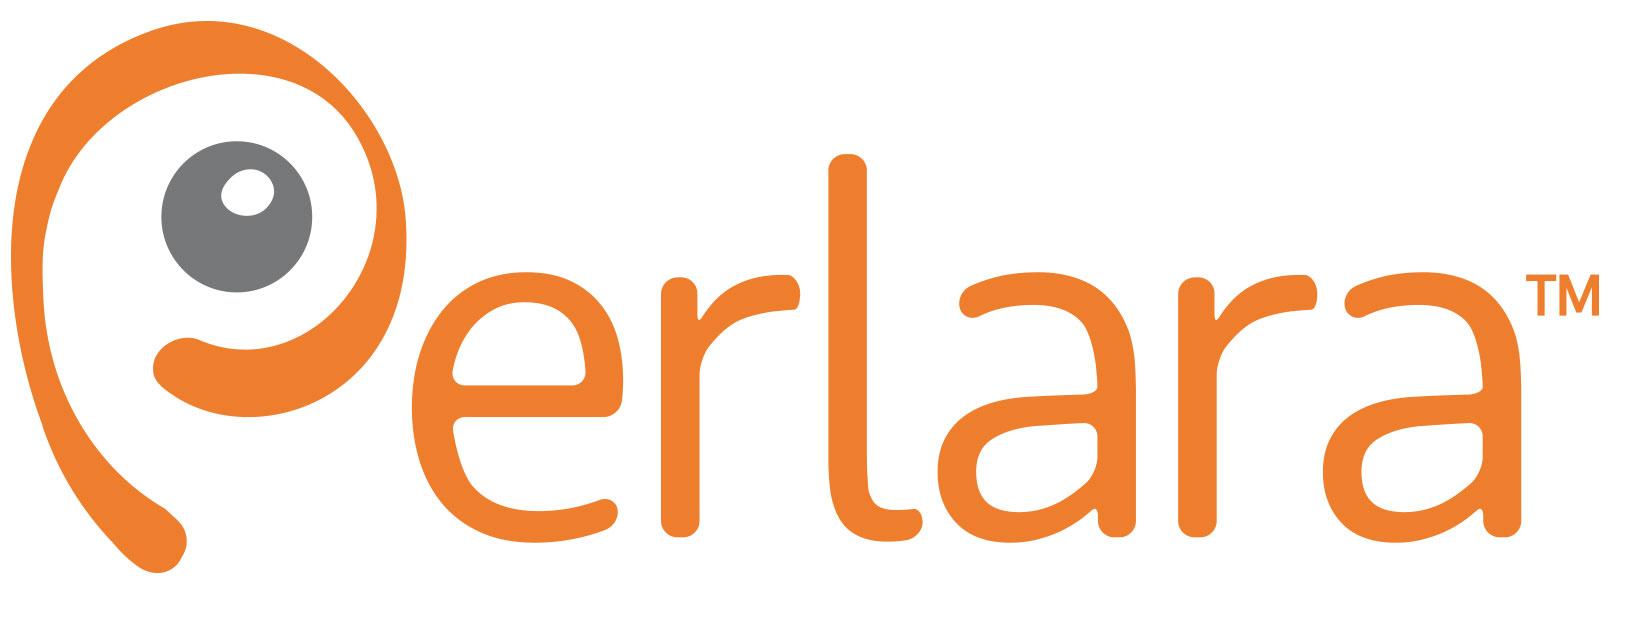 perlara-logo-header-1650x621px-9-15-16